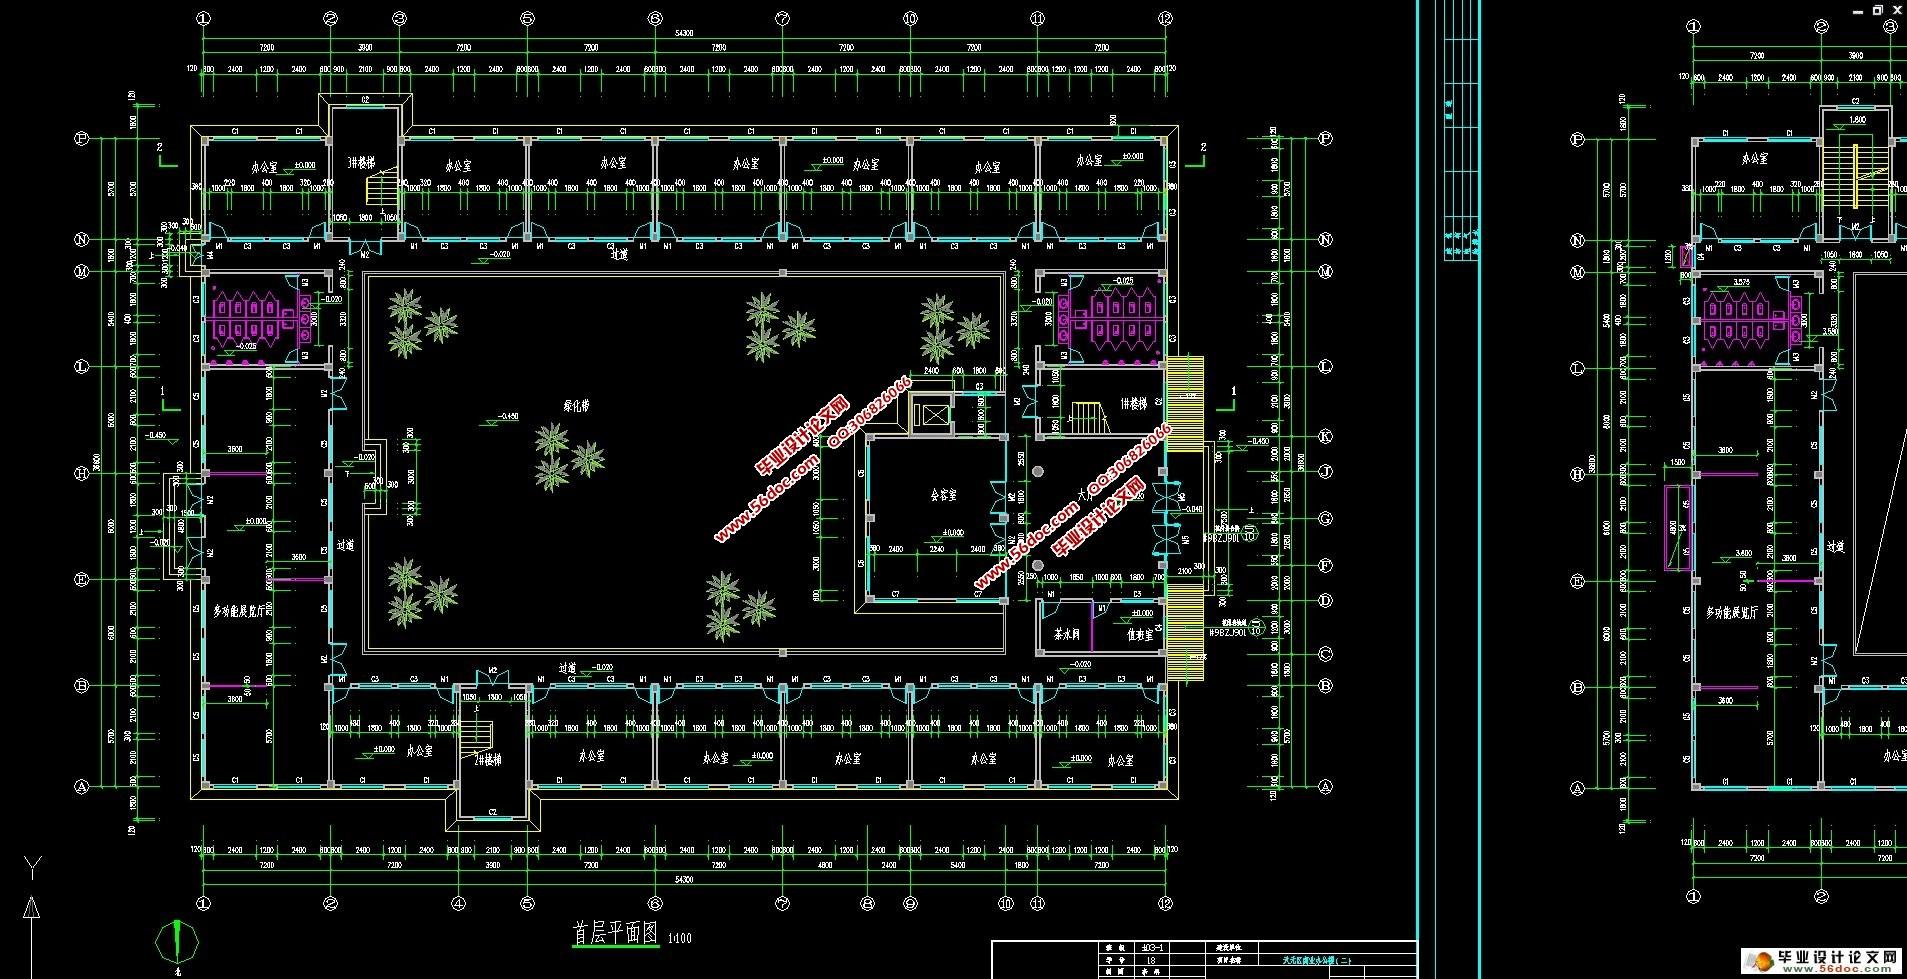 图14张,结构图20张) 该办公楼总建筑面积为6534m2 ,占地面积2050 m2 。总长度为54.3m,宽度为36.6m。主体六层,建筑高度25.5m。建筑类别为二类,耐火等级为二级,防雷等级为三级,设计安全等级为二级,抗震设防烈度为6度,按四级抗震设计考虑,结构类型为框架结构。 建筑主体为框架结构,全部梁、板、柱、楼梯均为现浇,建筑按6度设防。 本计算书包含建筑结构选型,建筑荷载计算,框架配筋计算,基础计算,楼梯计算。其中建筑荷载计算过程中垂直荷载采用迭代法计算,水平荷载采用D值法计算,通过荷载组合